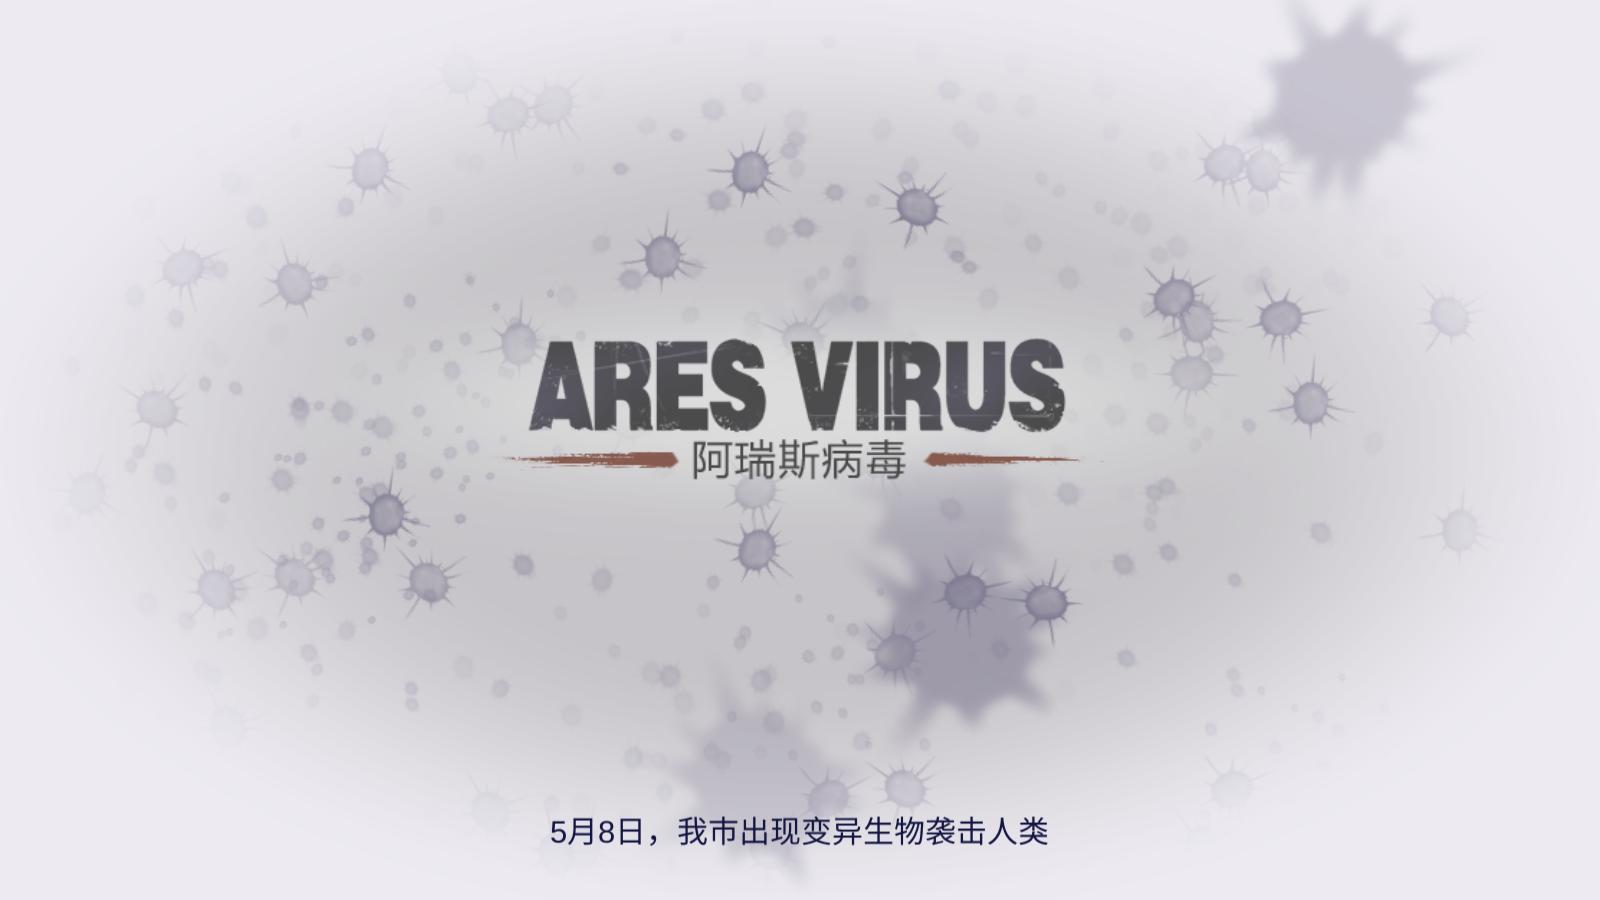 阿瑞斯病毒内置作弊菜单版(3)